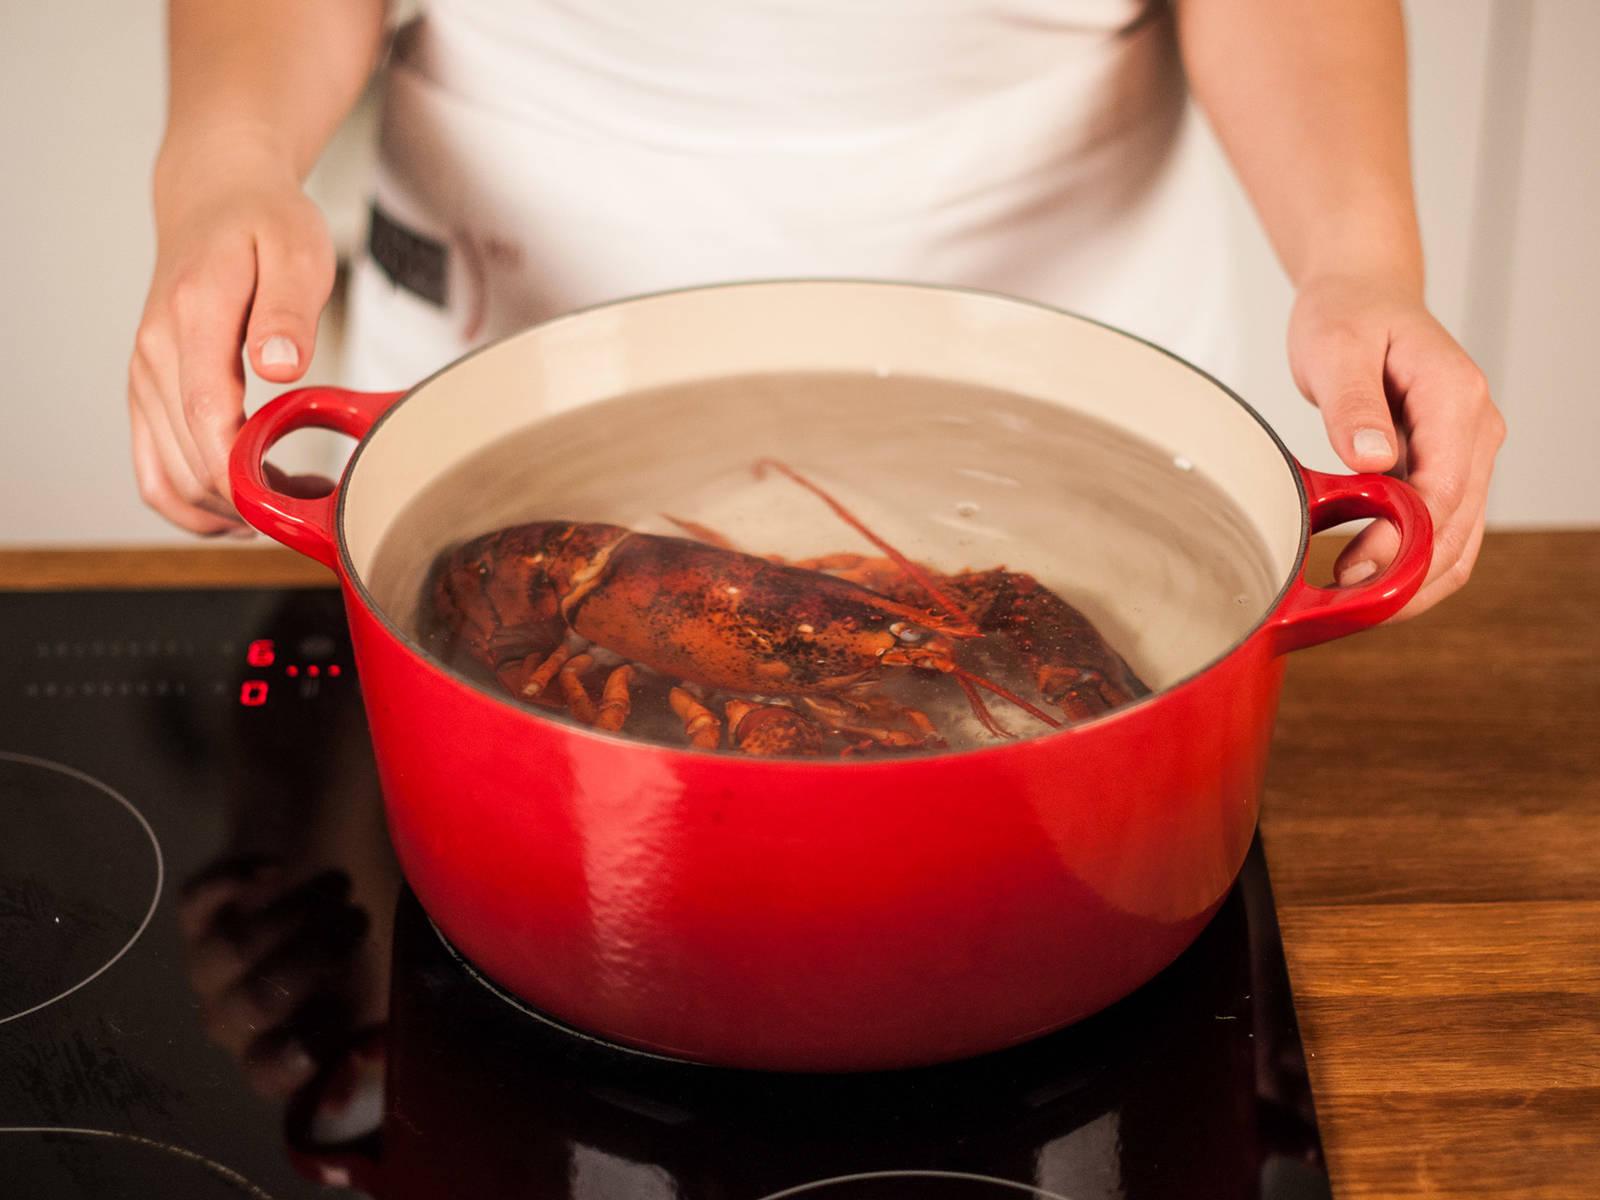 将龙虾煮至半熟,以避免烤好后外熟内生。将龙虾放入沸水锅中,煮5分钟左右。